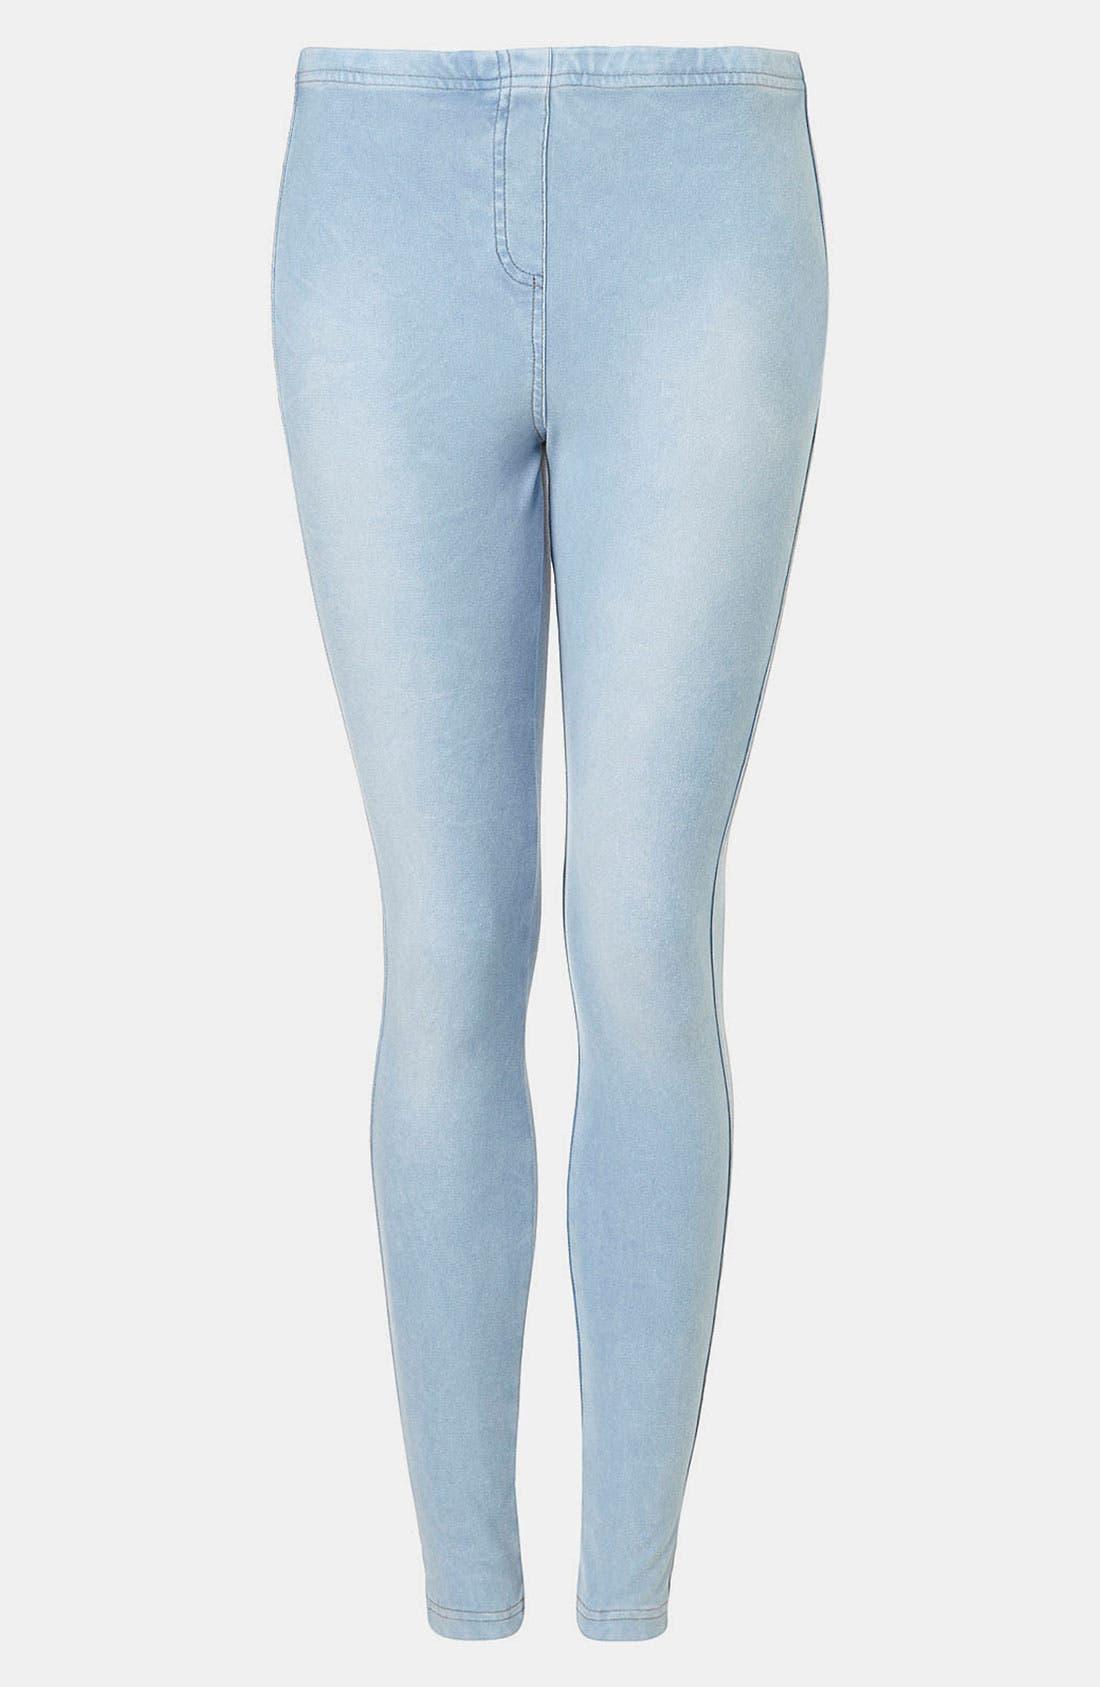 Main Image - Topshop Bleach-Wash Denim Leggings